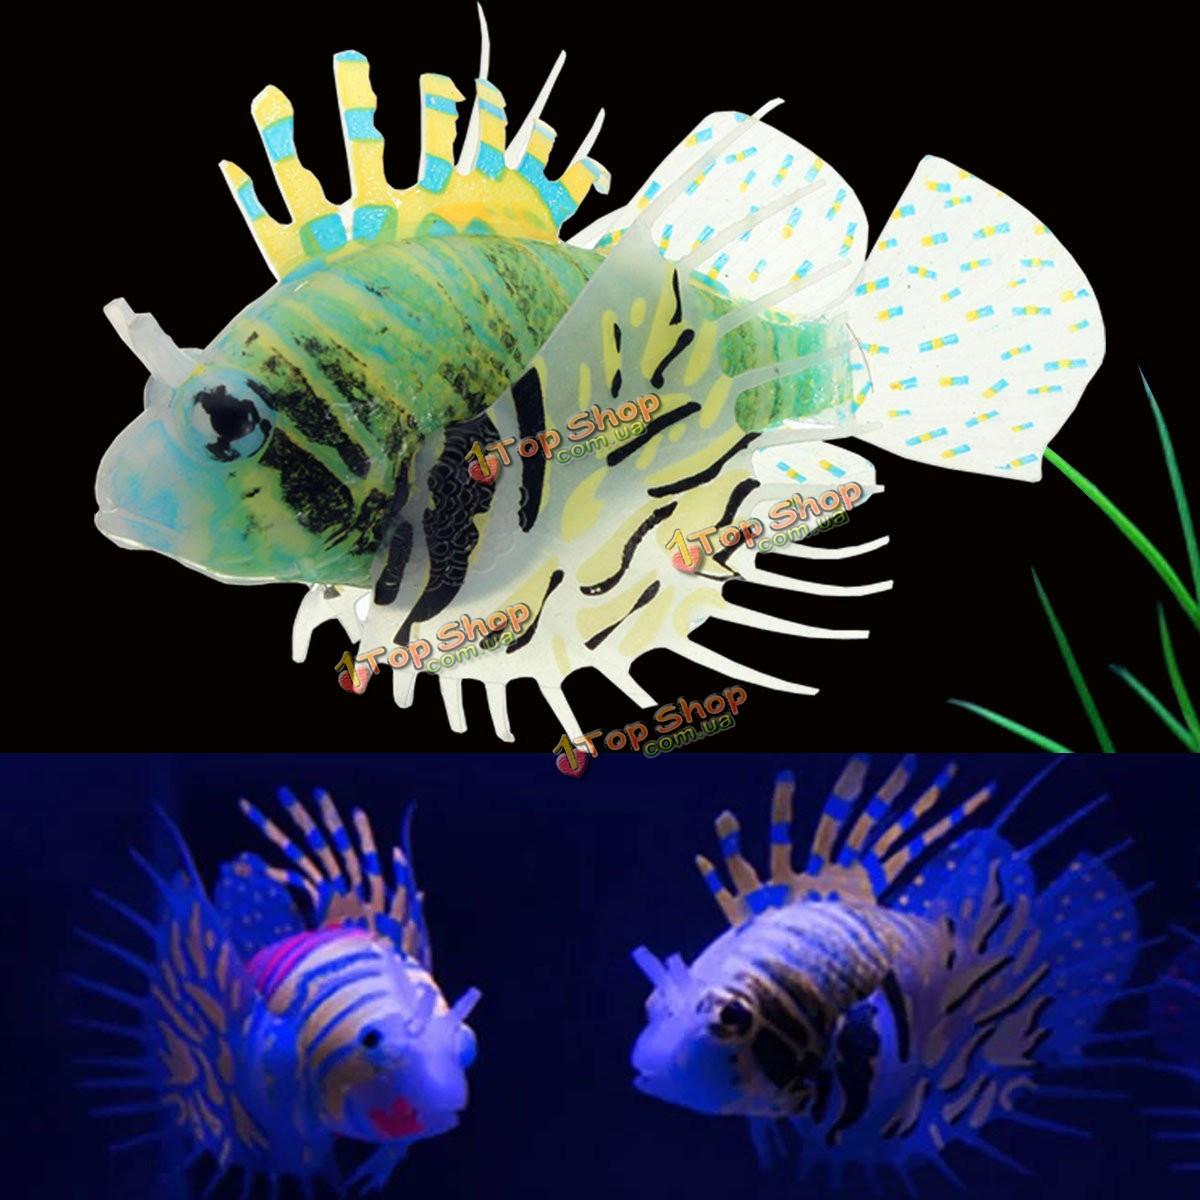 Аквариумных рыб украшения танк искусственный орнамент светящийся крылатки аквариума украшения озеленение - ➊TopShop ➠ Товары из Китая с бесплатной доставкой в Украину! в Киеве